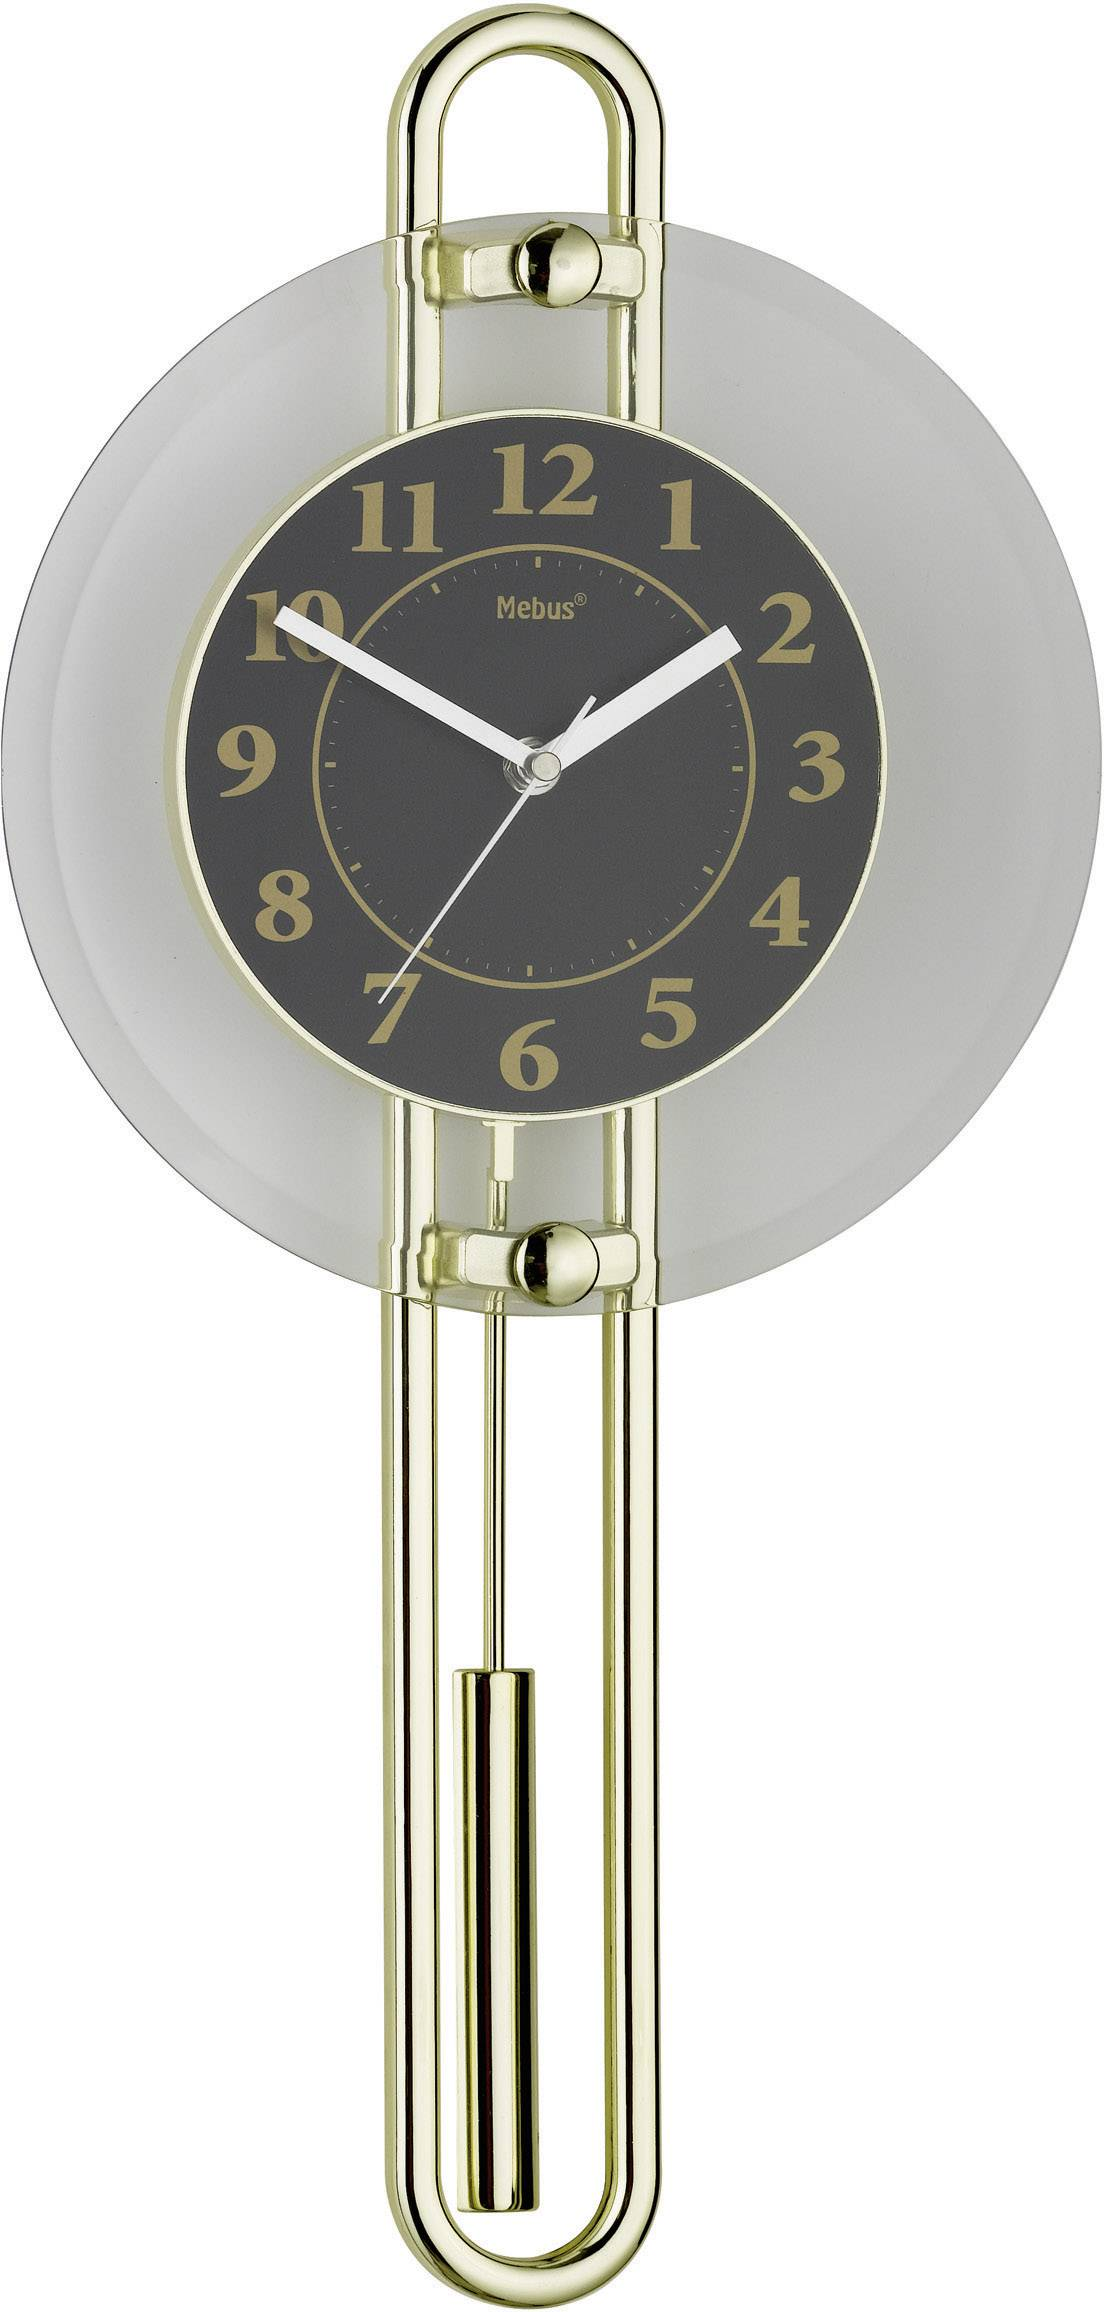 Quartz kyvadlové nástenné hodiny - pendlovky Mebus 14813, zlatá, čierna, strieborná